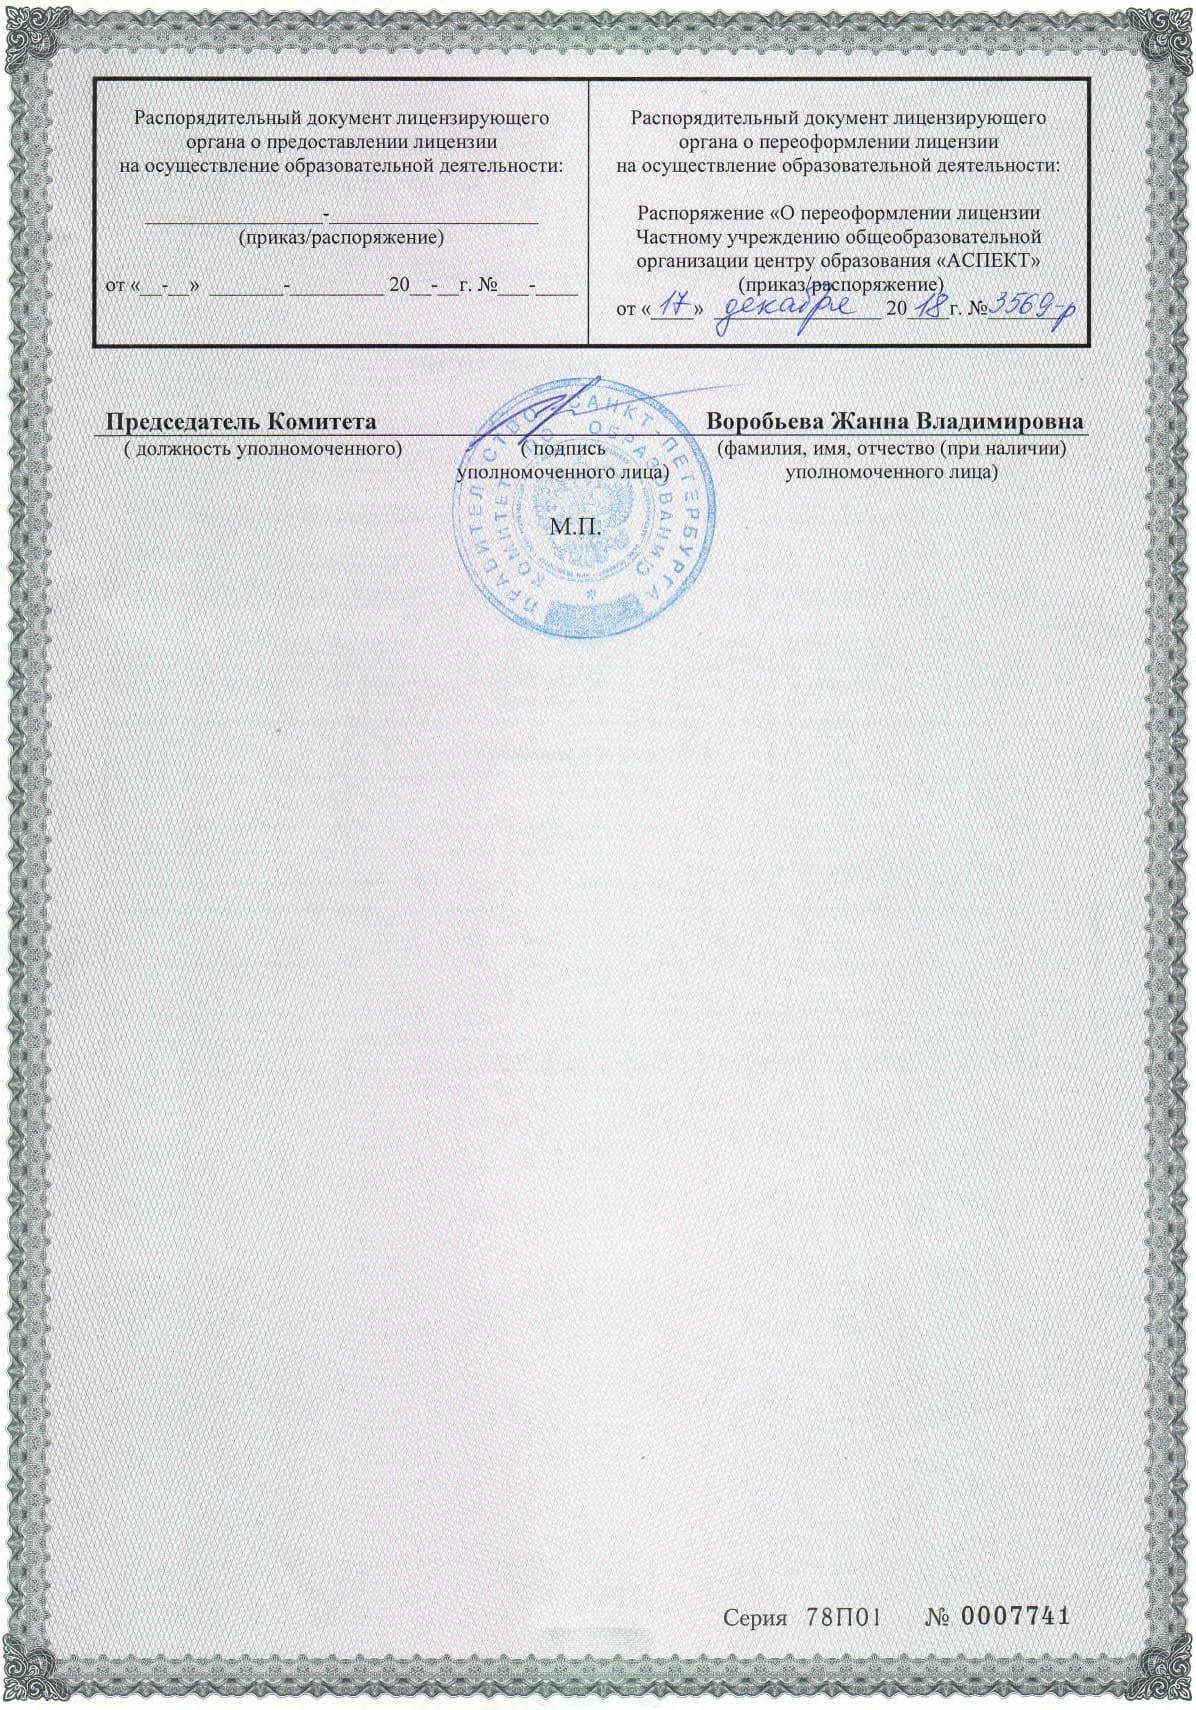 Приложение №3 к Лицении на образовательную деятельность (2стр)